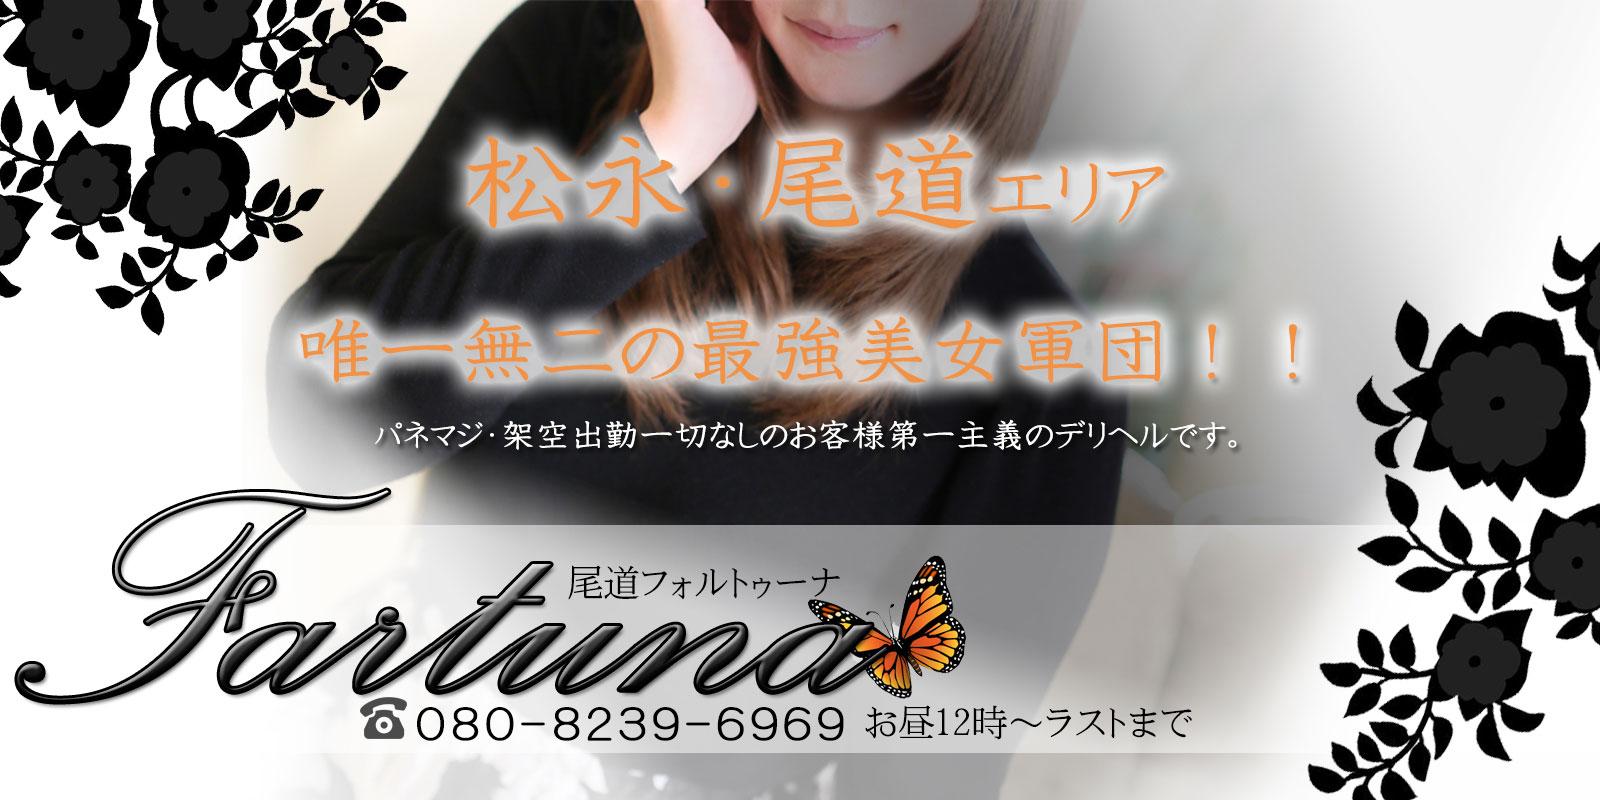 福山・尾道・三原 デリヘル 尾道 club fortuna -フォルトゥーナ-の店舗画像1